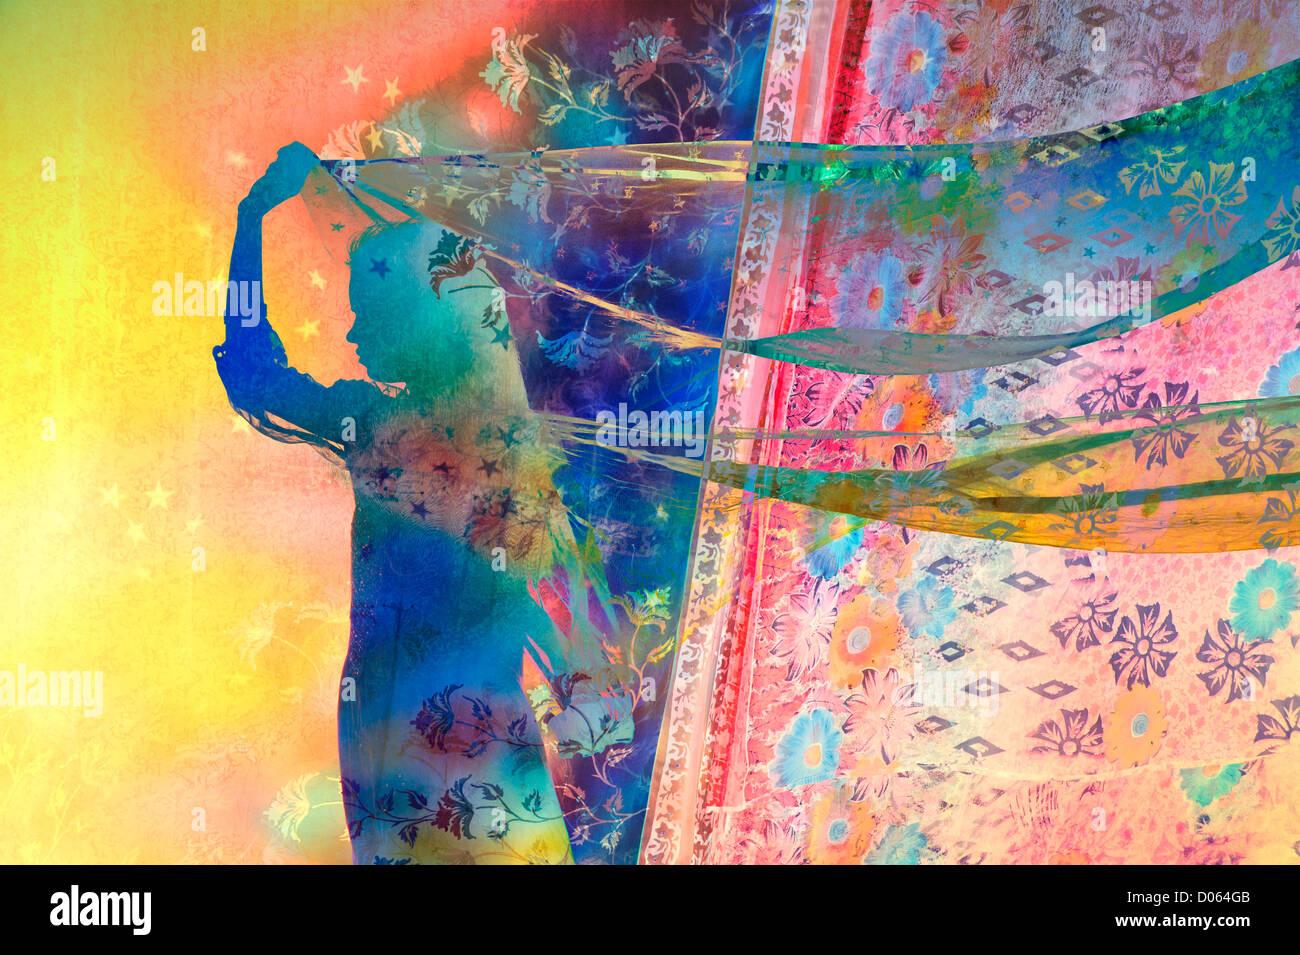 Inderin mit Stern und floral gemusterten Schleier im Wind. Silhouette. Bunte montage Stockbild